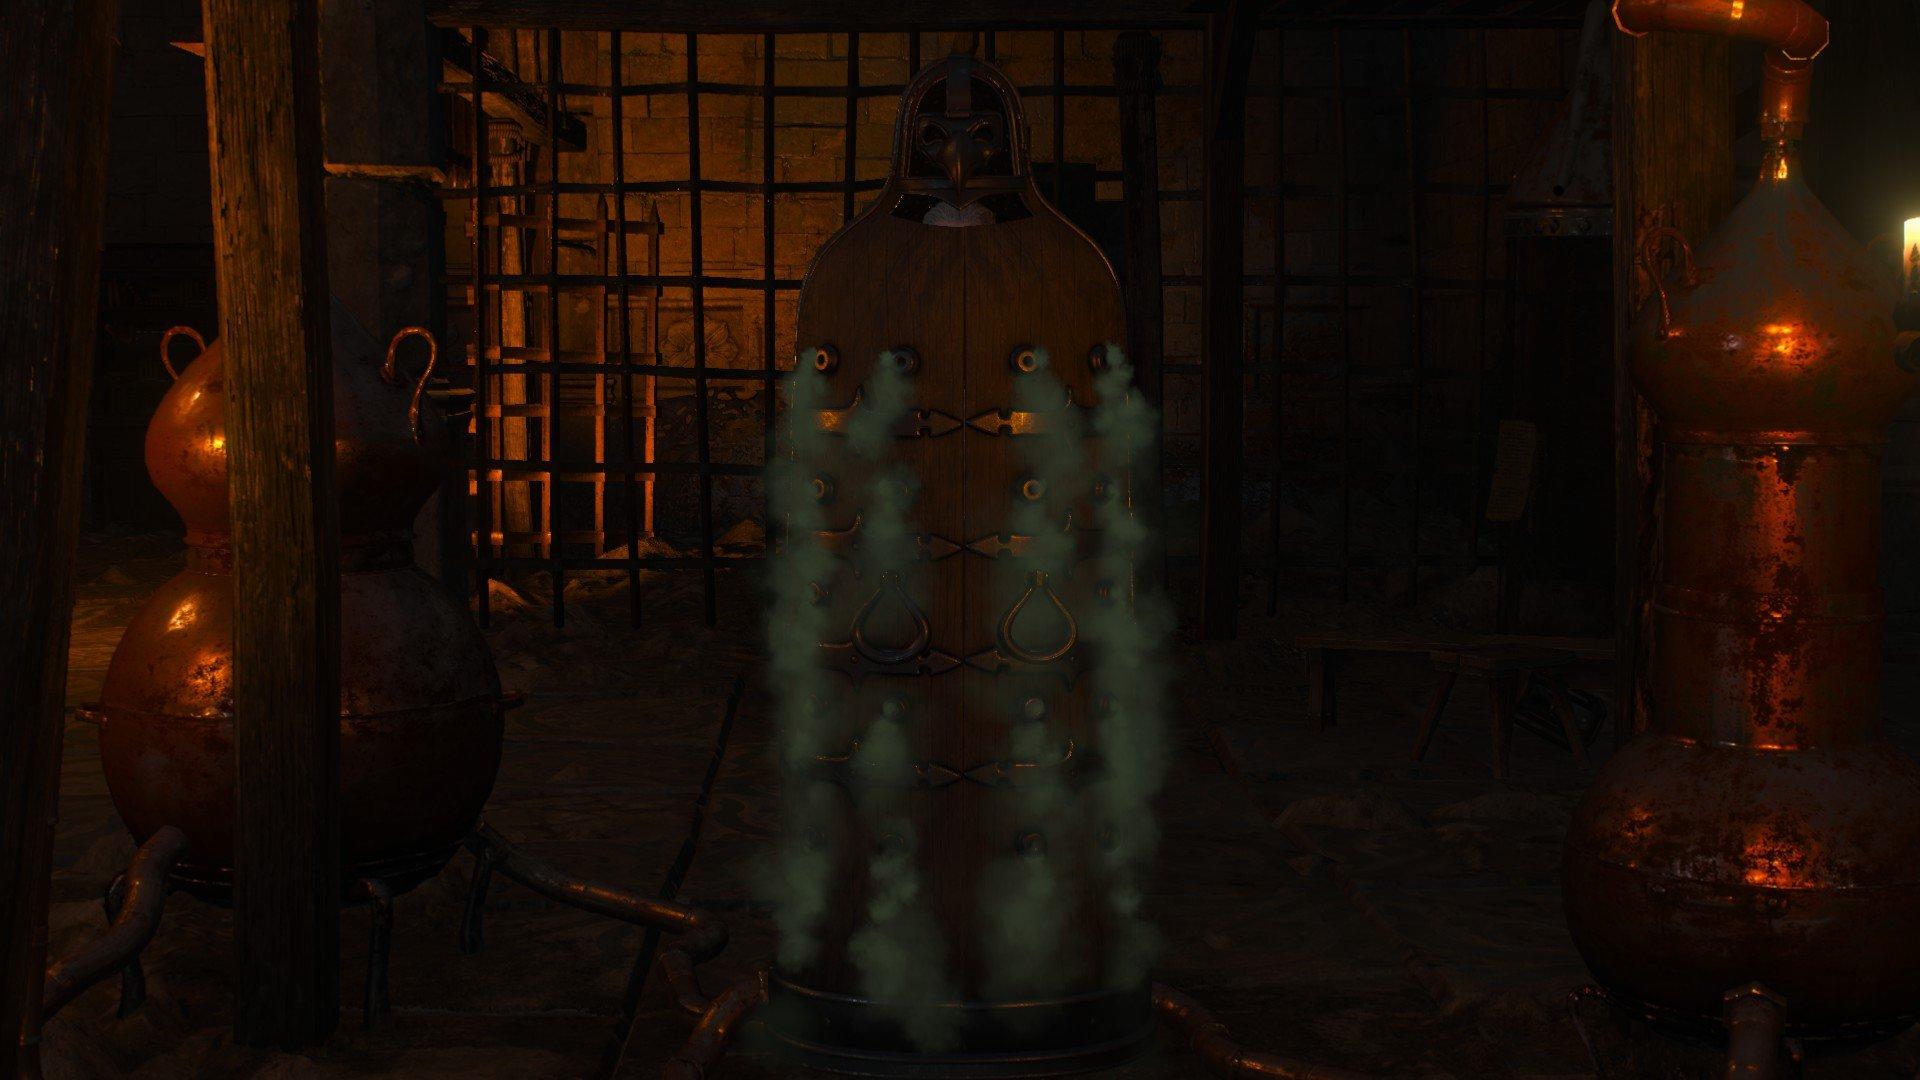 Вопль-прохождение Witcher 3: Кровь и Вино ... НАЧАЛО [ВНИМАНИЕ, ВОЗМОЖНЫ СПОЙЛЕРЫ]. - Изображение 28